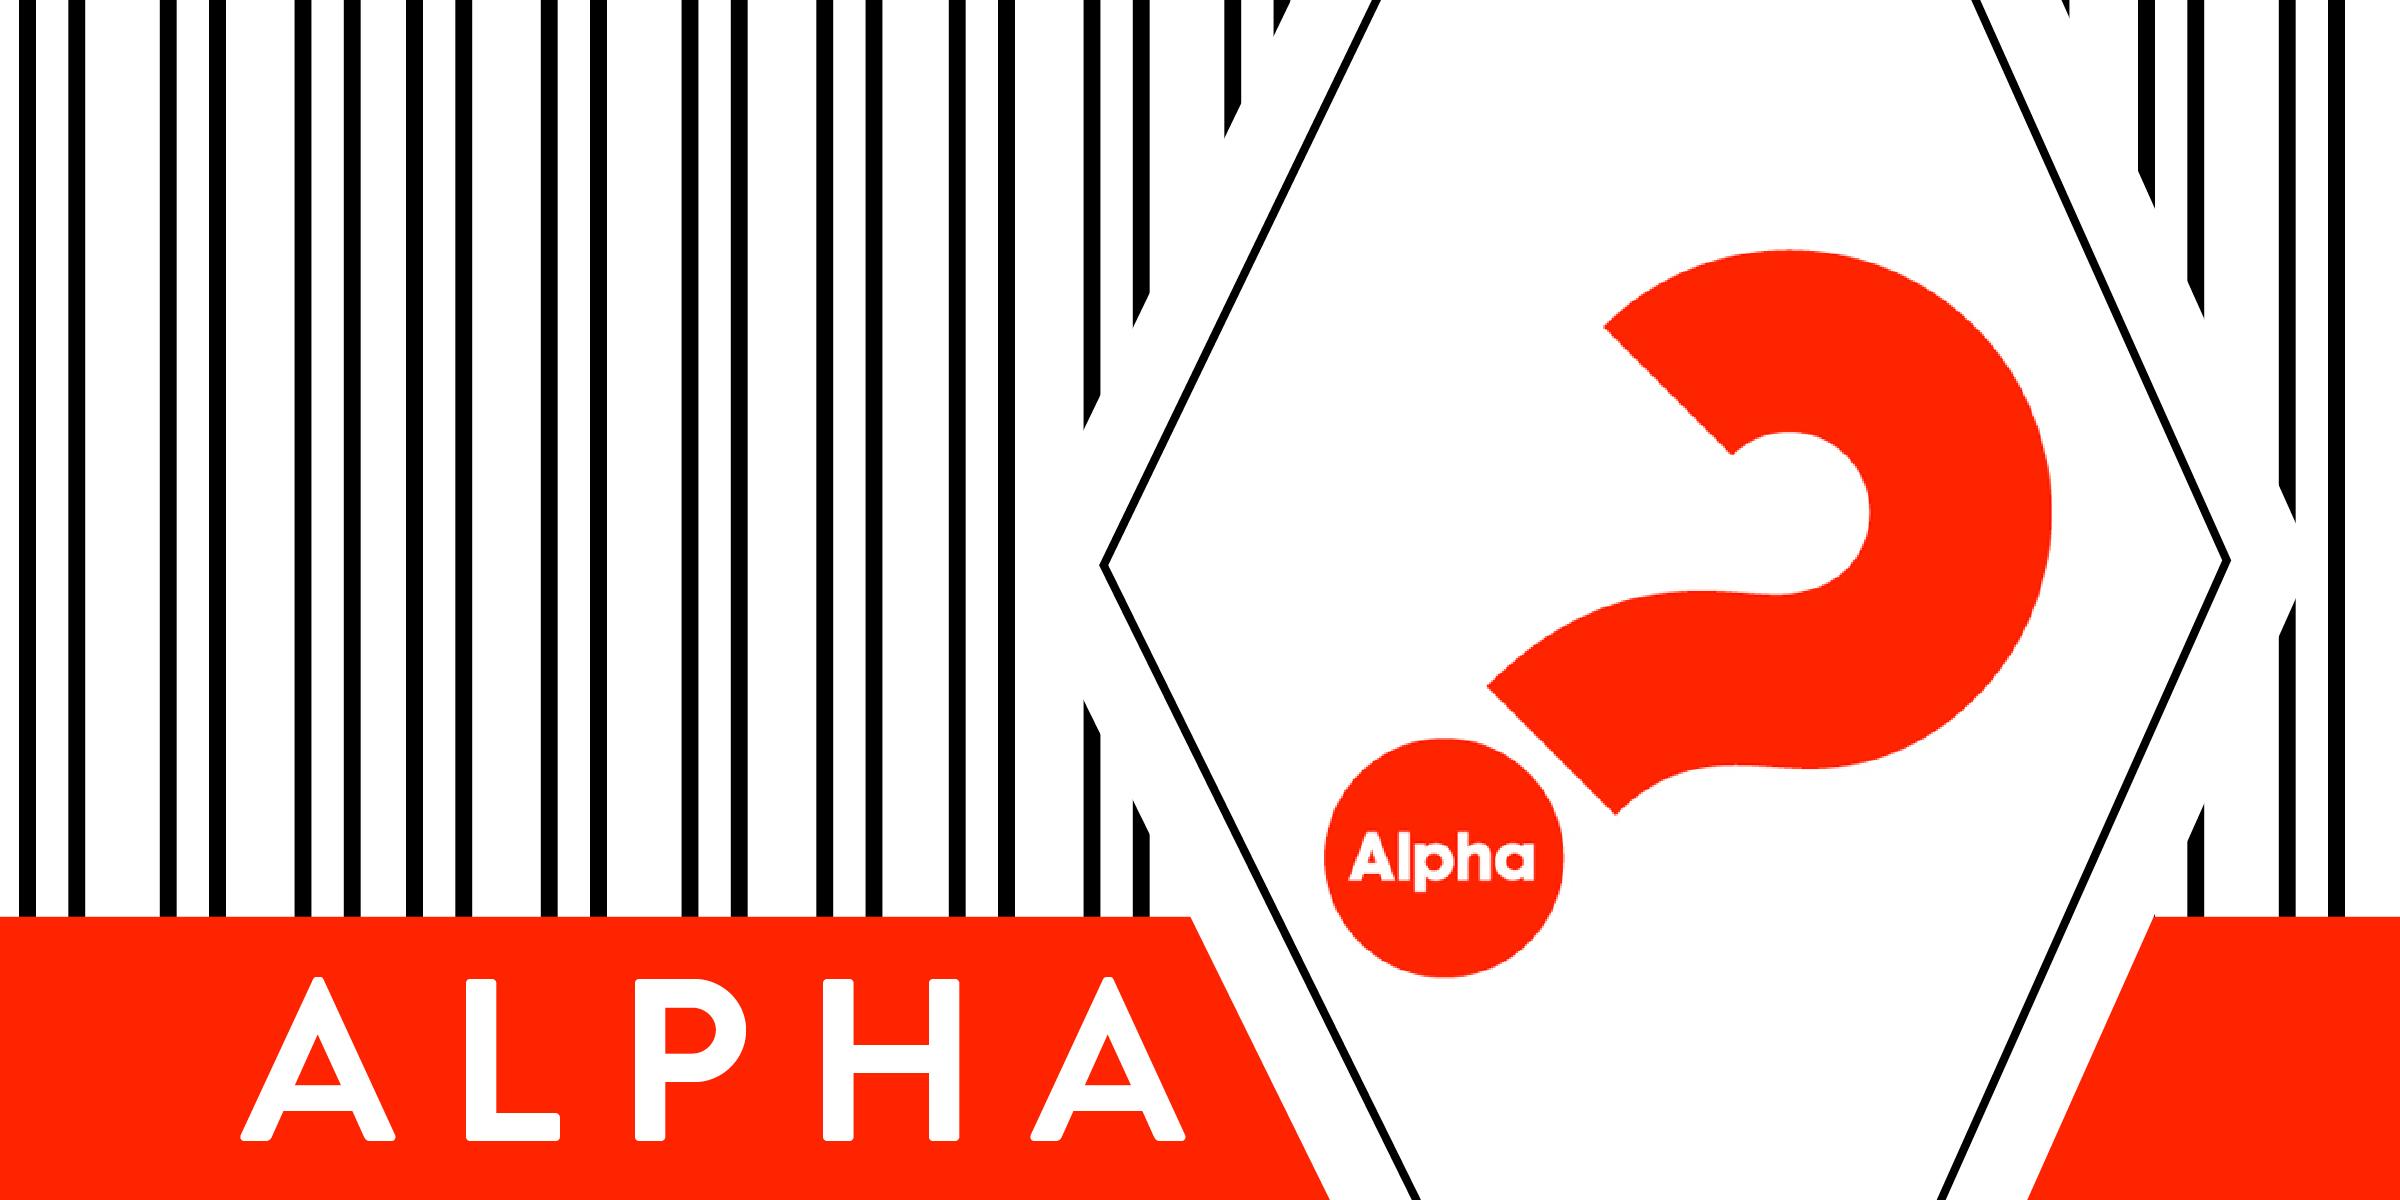 16 alpha tweekly